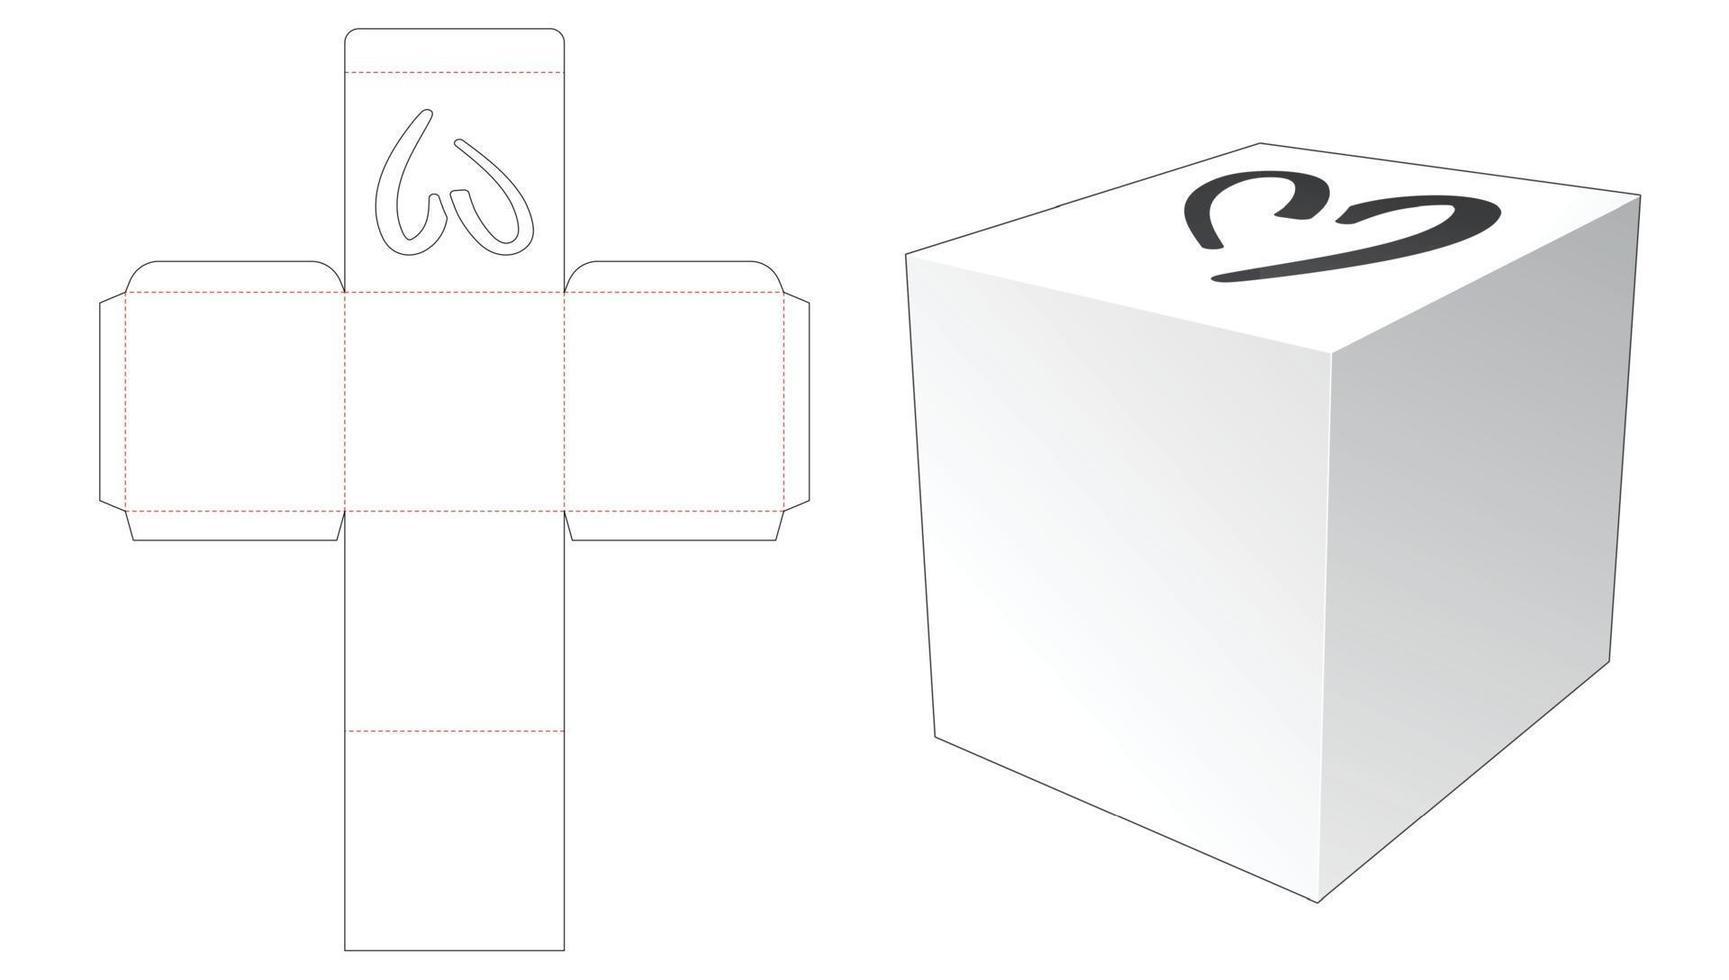 caixa quadrada com janela de coração em modelo de corte e vinco vetor